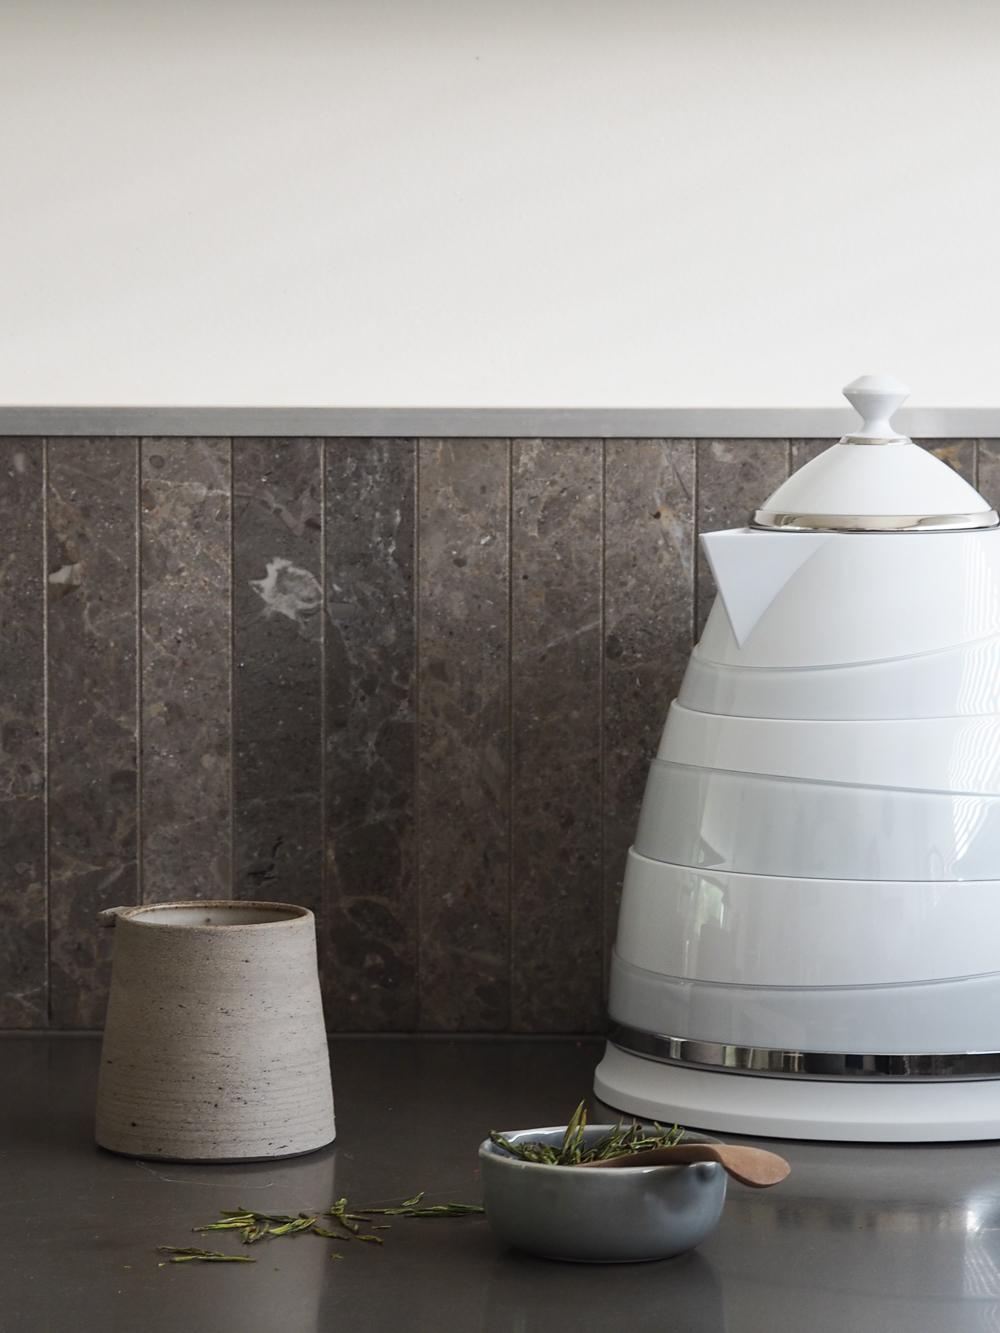 De Longhi Avvolta kettle